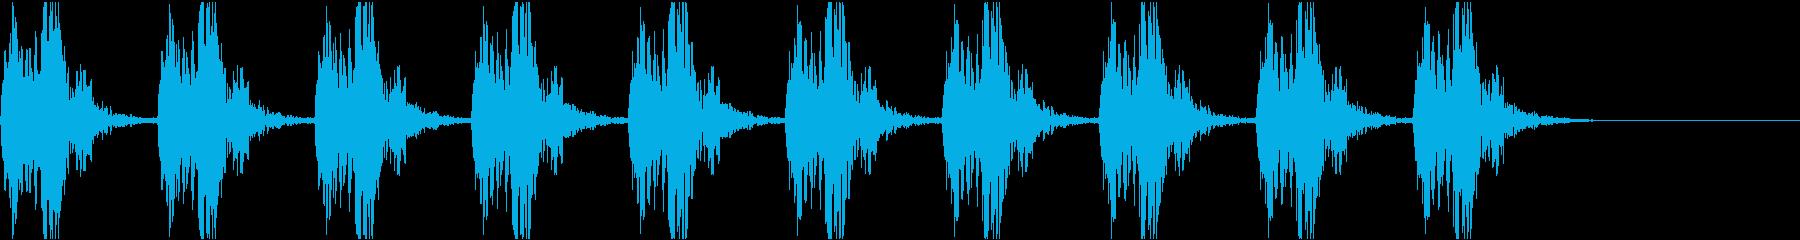 心音 心臓の音 鼓動 01 (ゆっくり)の再生済みの波形